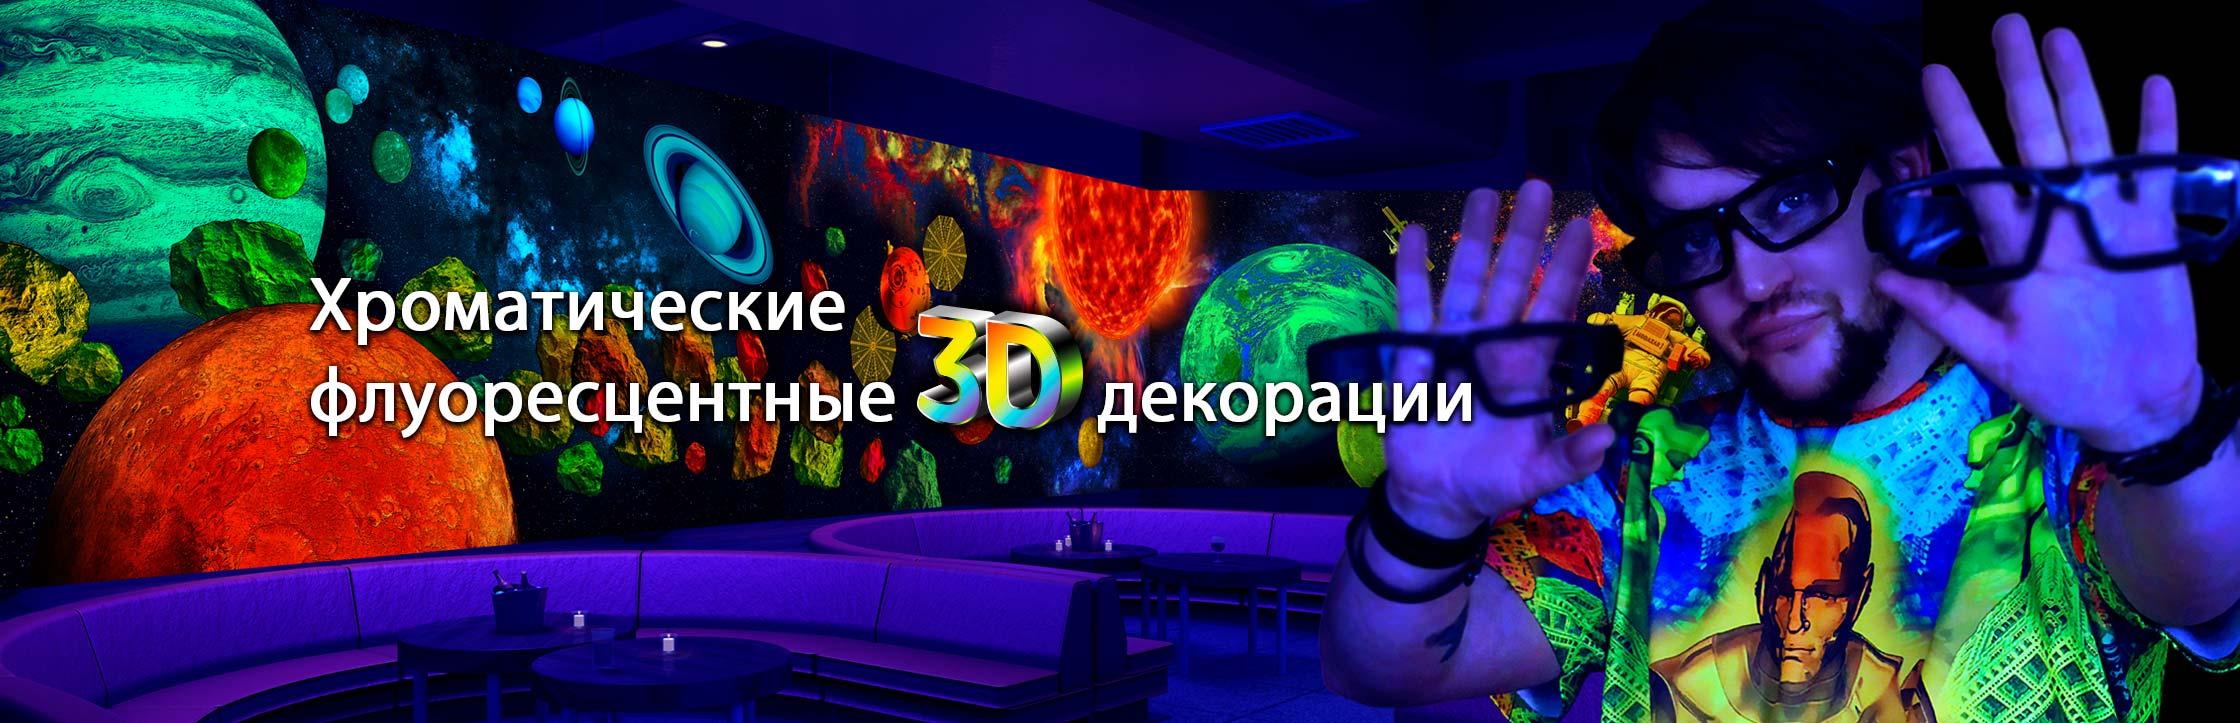 Хроматические 3d декорации